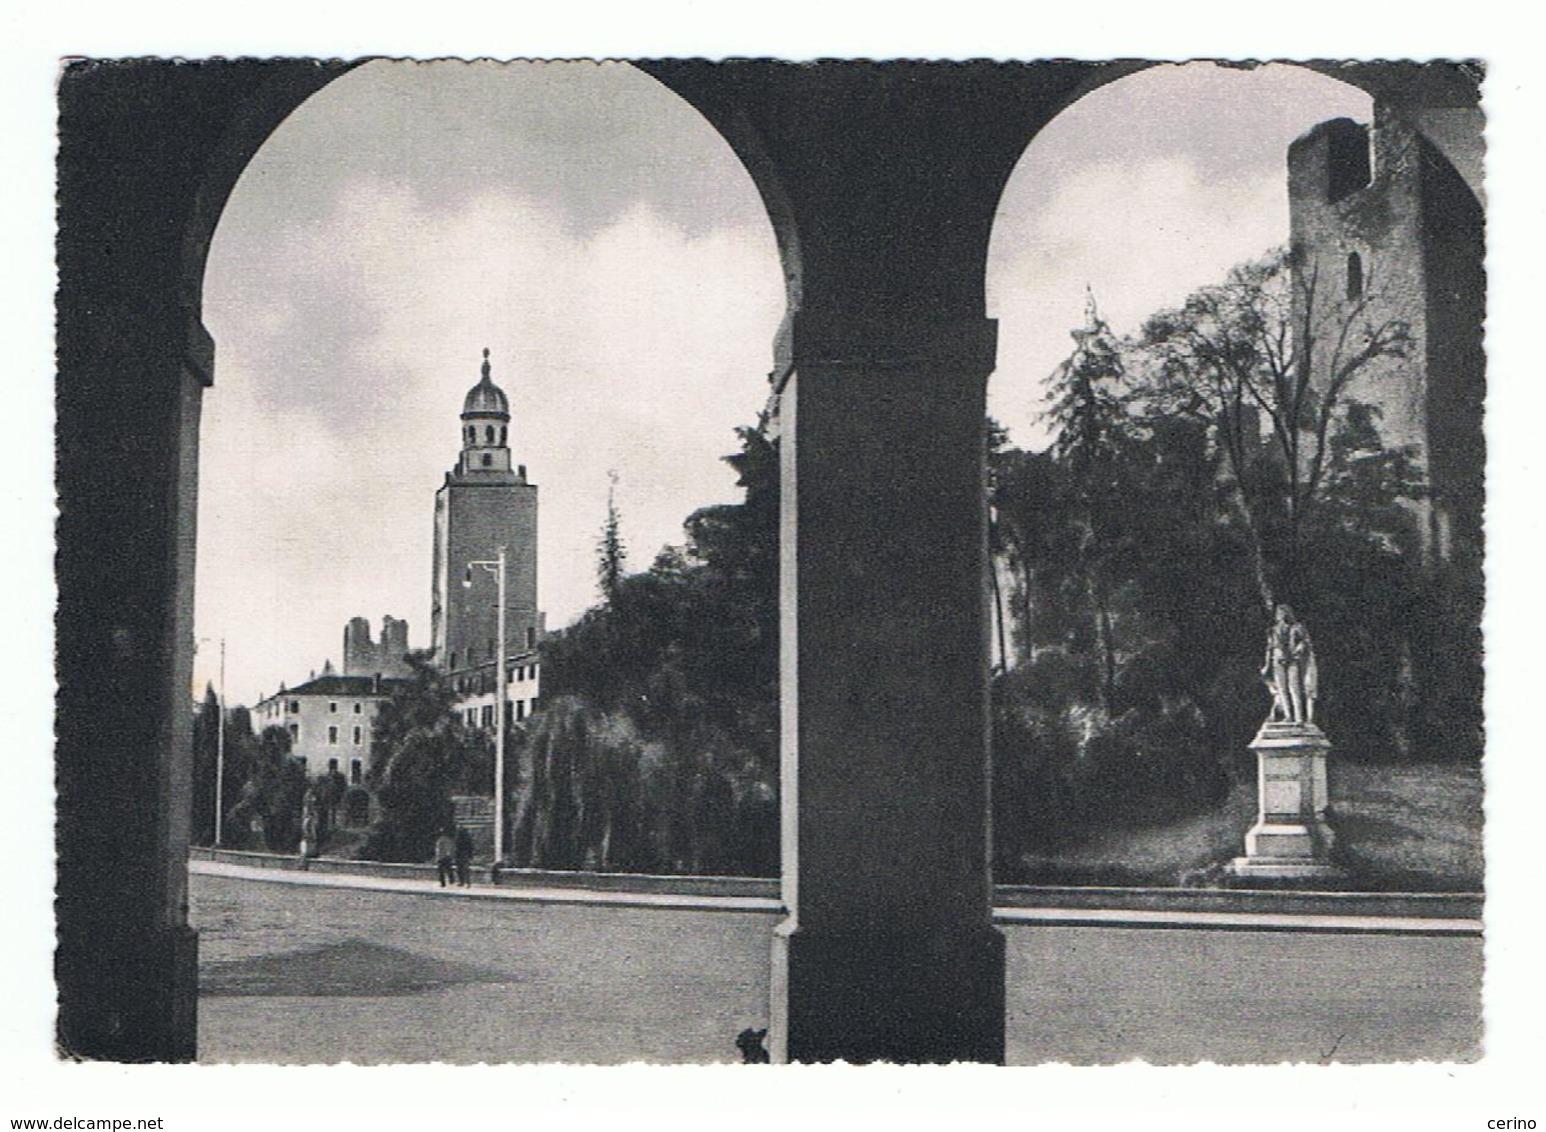 CASTELFRANCO  VENETO:  GIARDINI  PUBBLICI  E  MONUMENTO  A  GIORGIONE  -  FOTO  OPACA  -  FG - Treviso